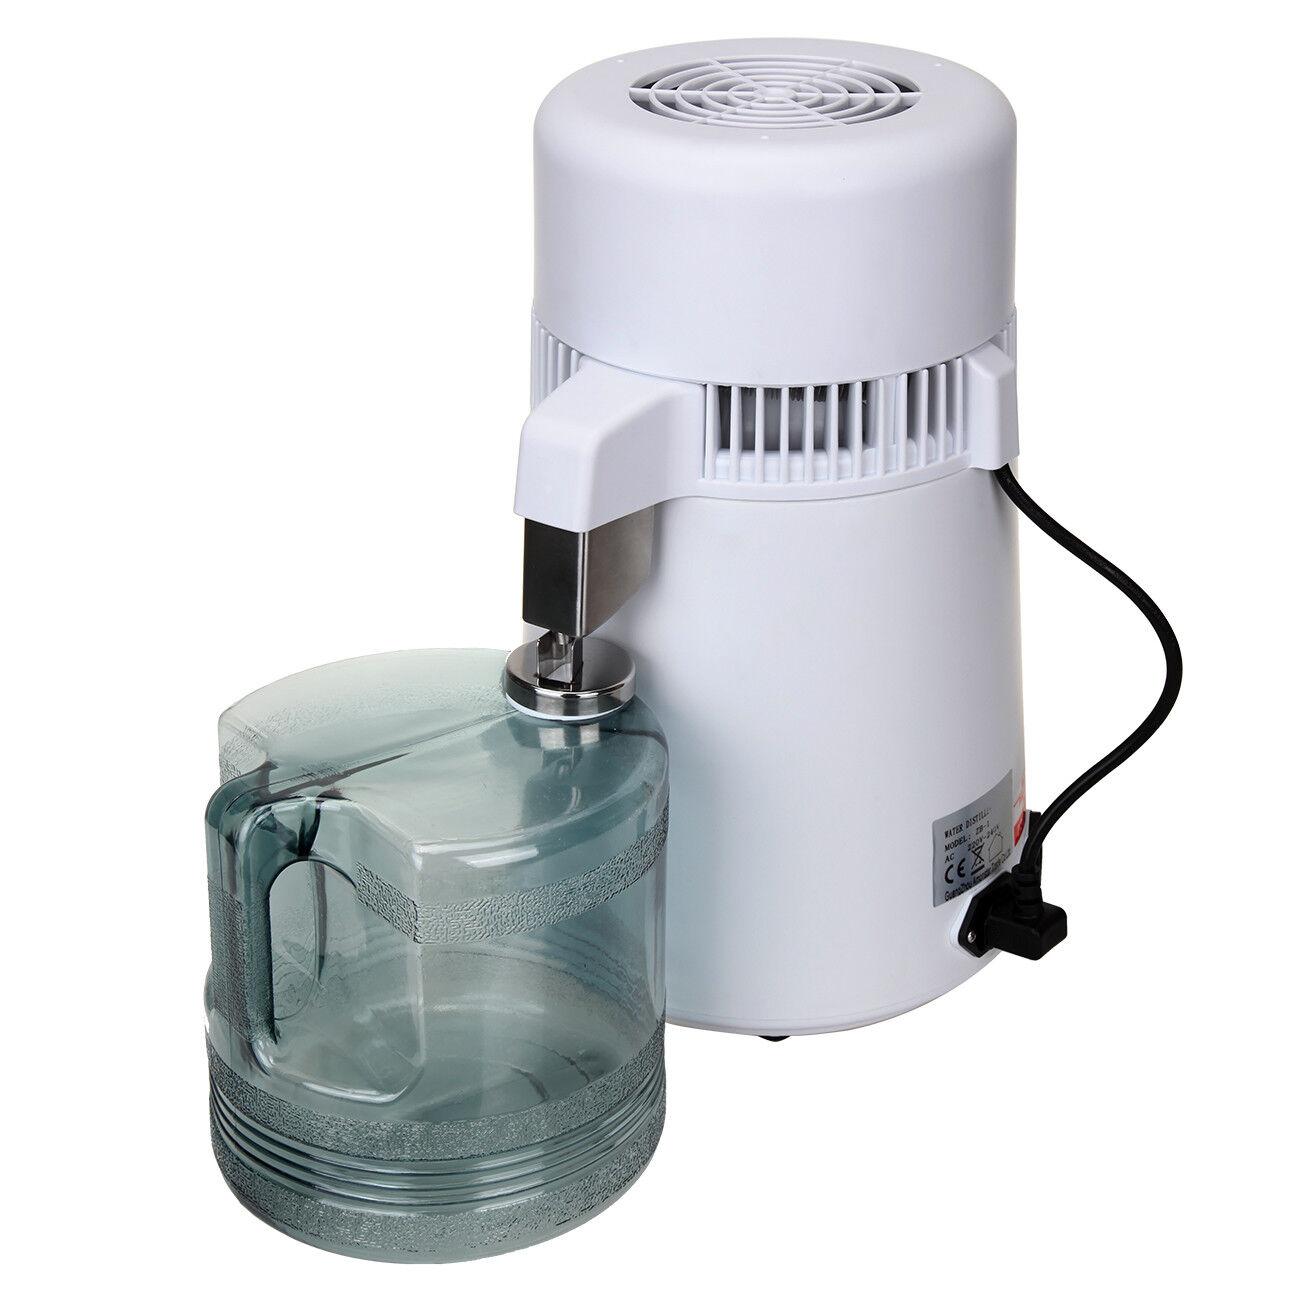 Weiß //Gold Wasser Destilliergerät 4L Edelstahl Innenteil aus Edelstahl Schwarz